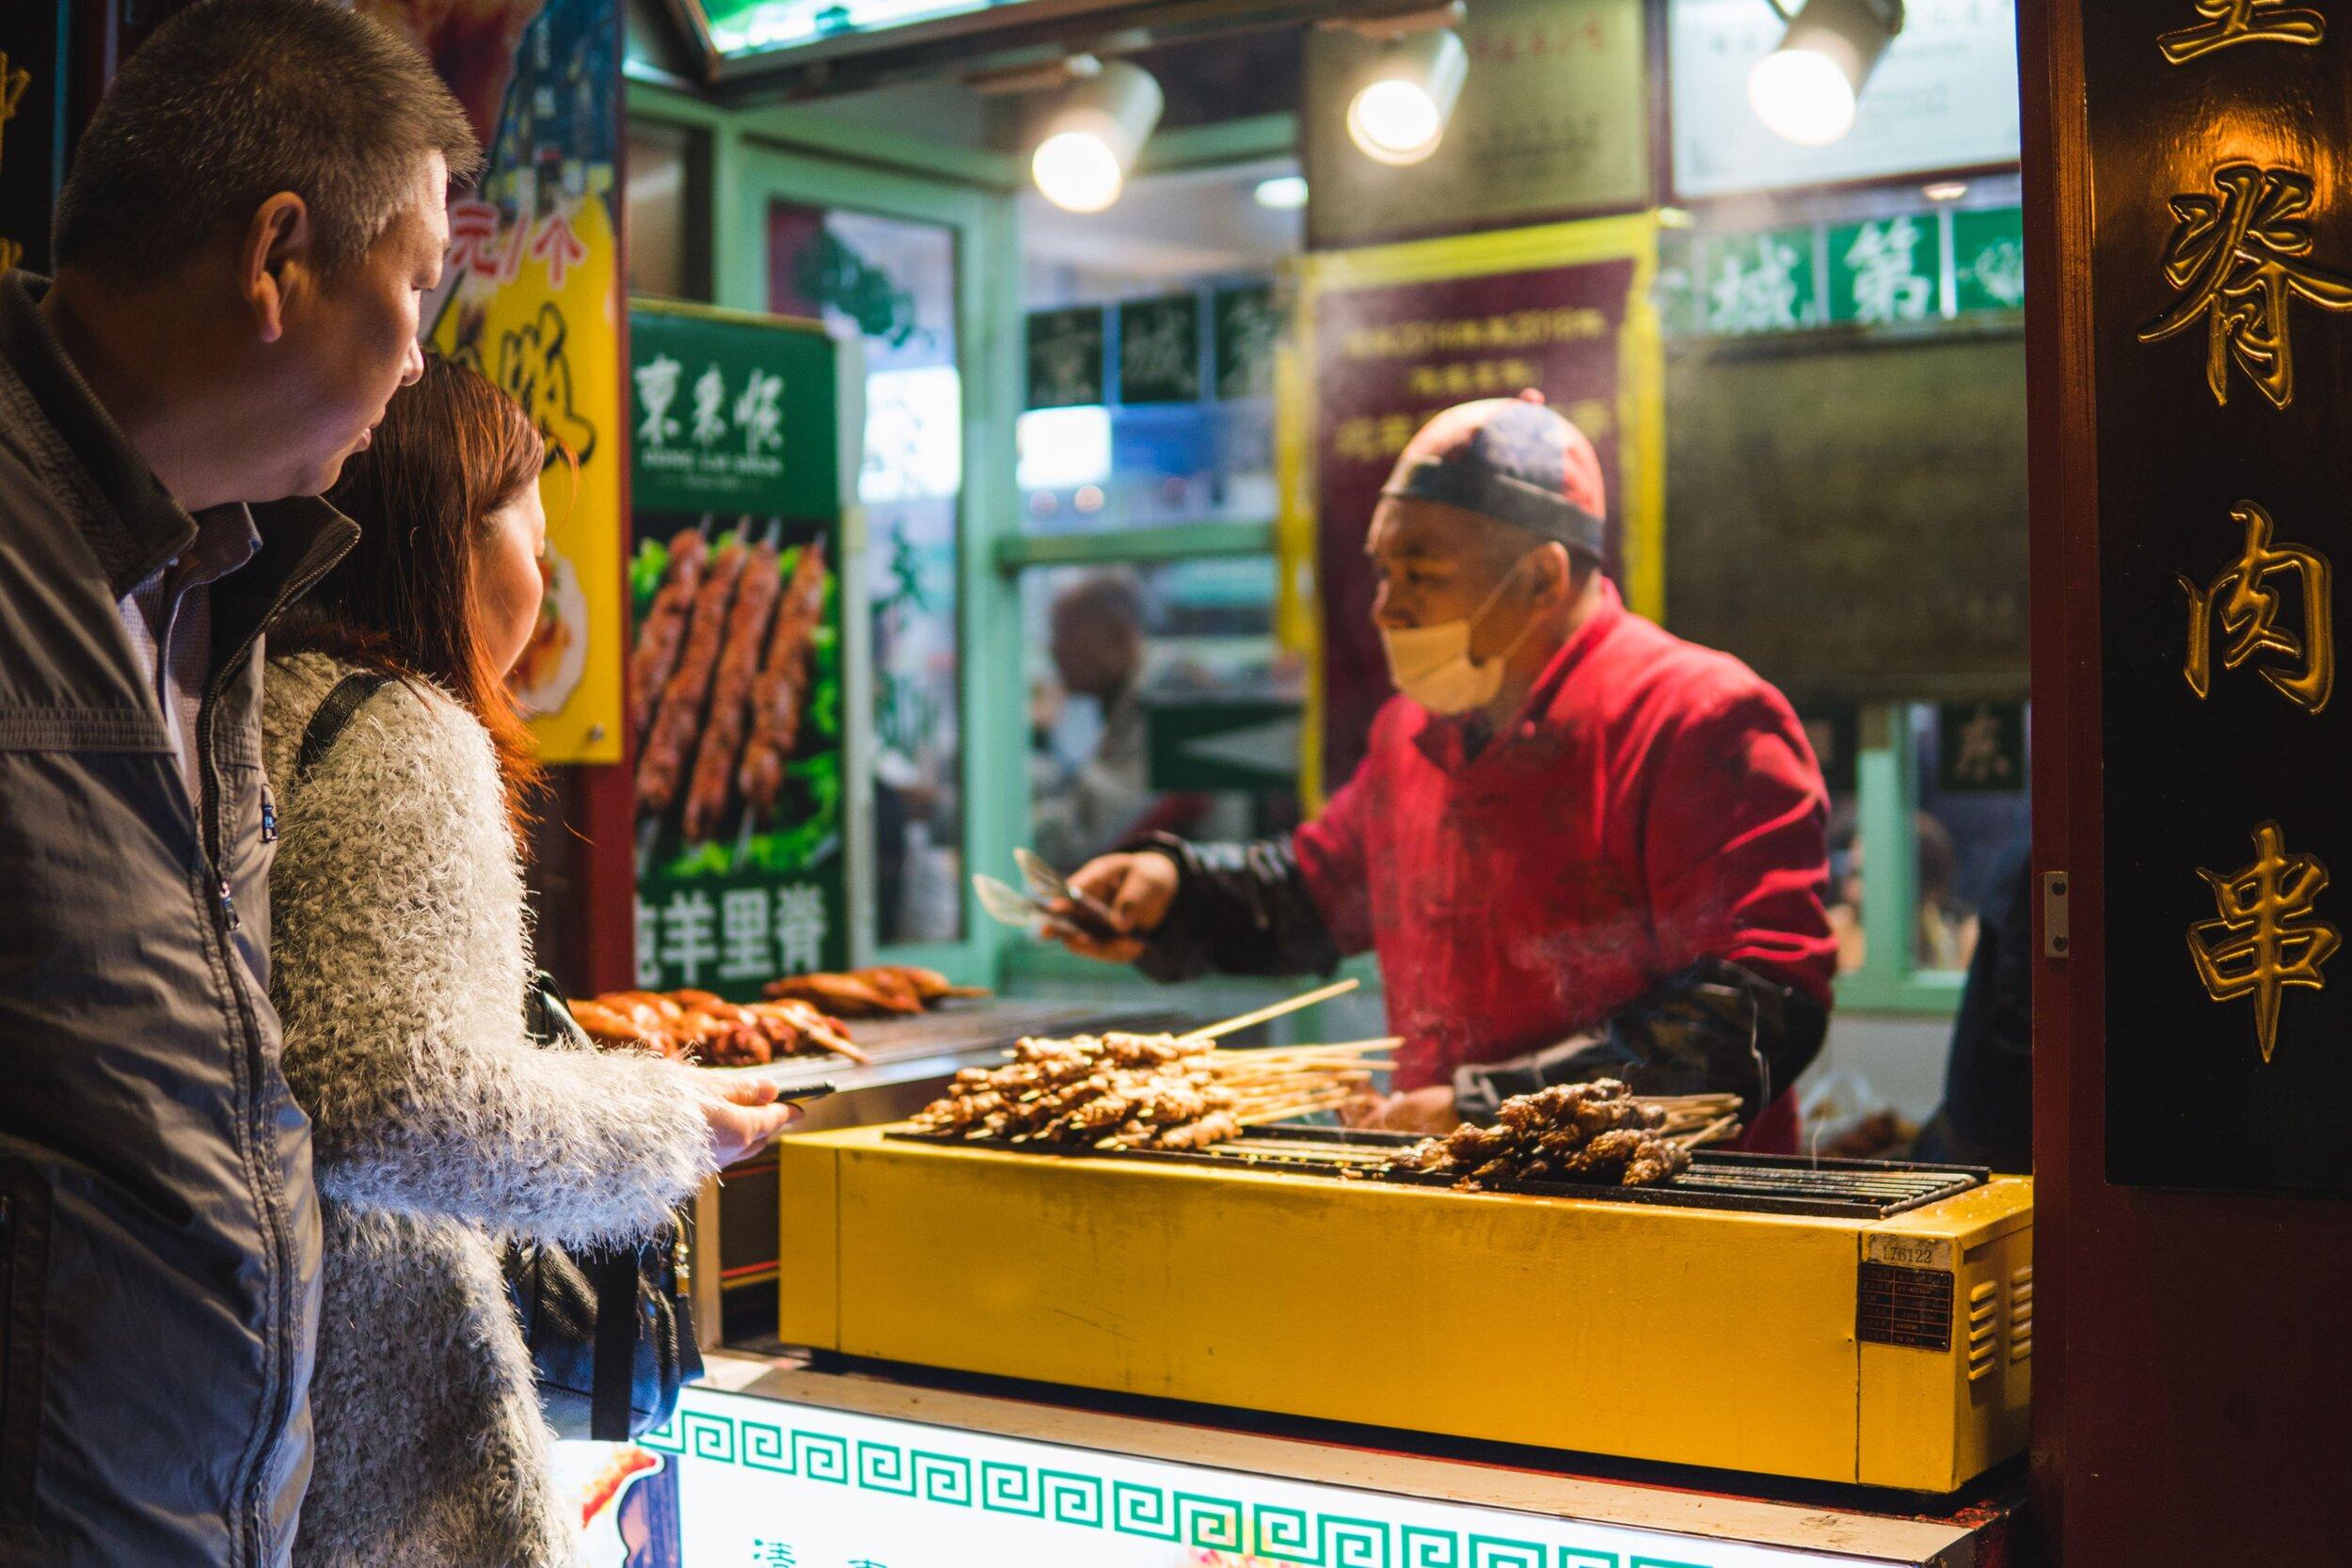 Current day Beijing street food scene.